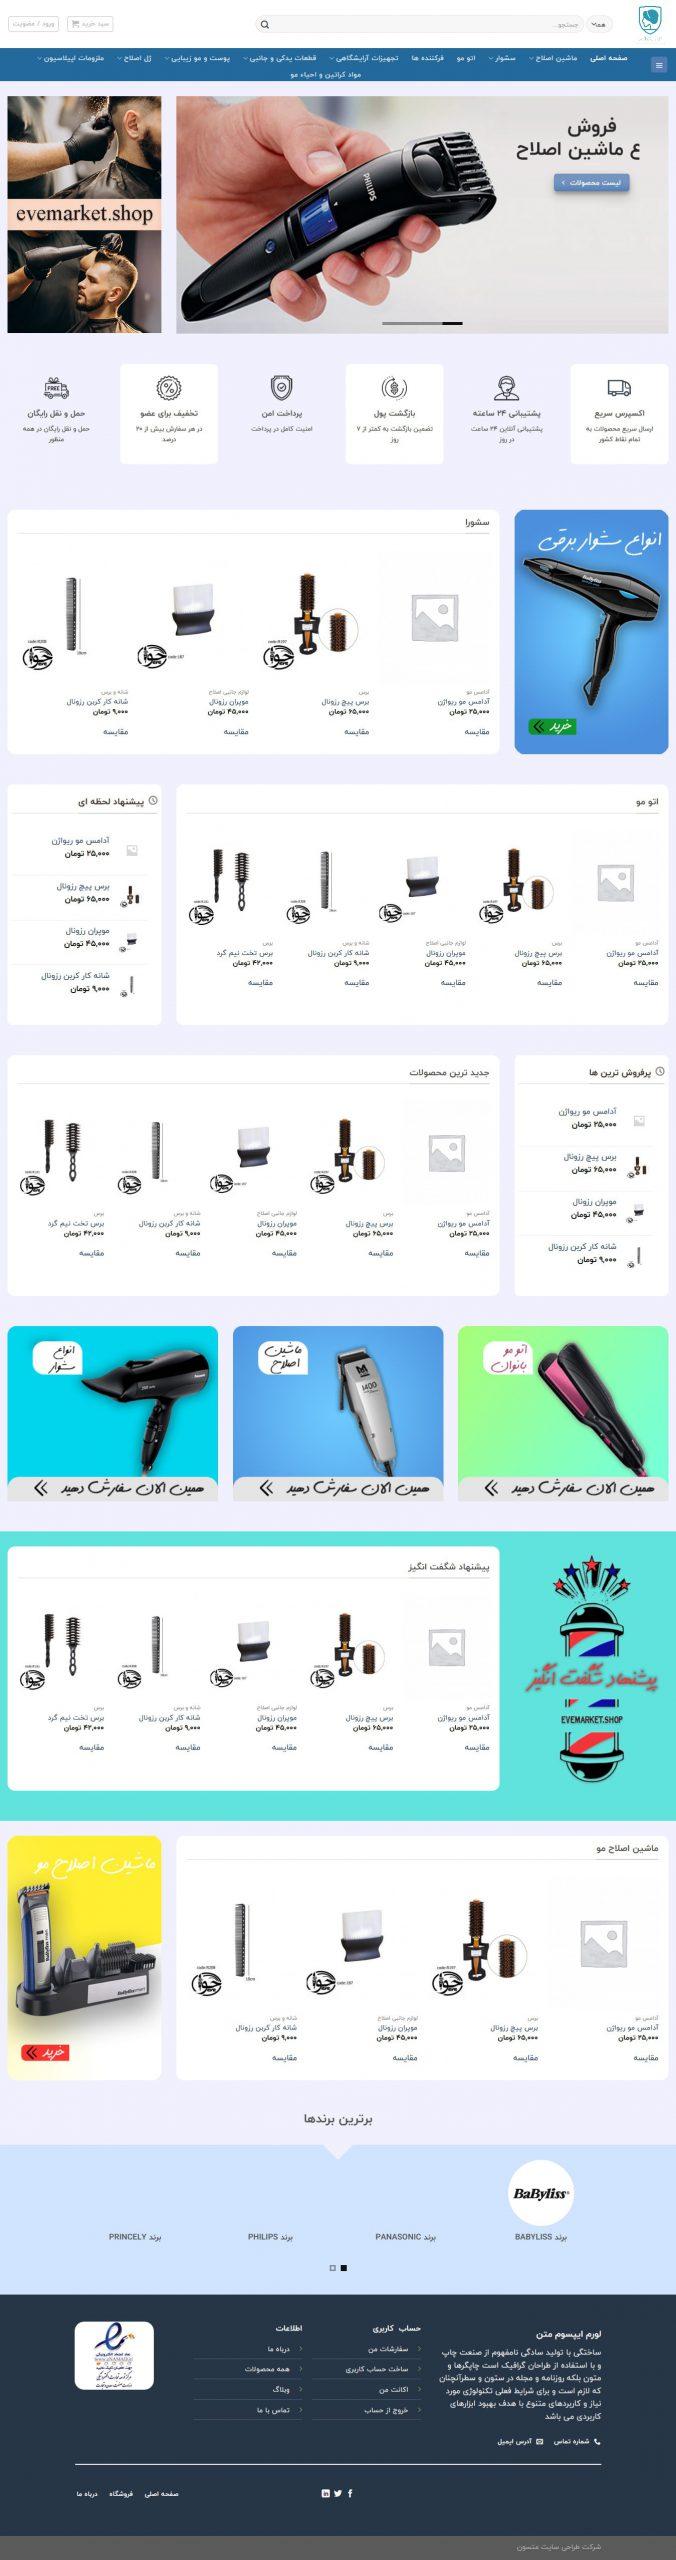 طراحی سایت فروشگاهی eve market